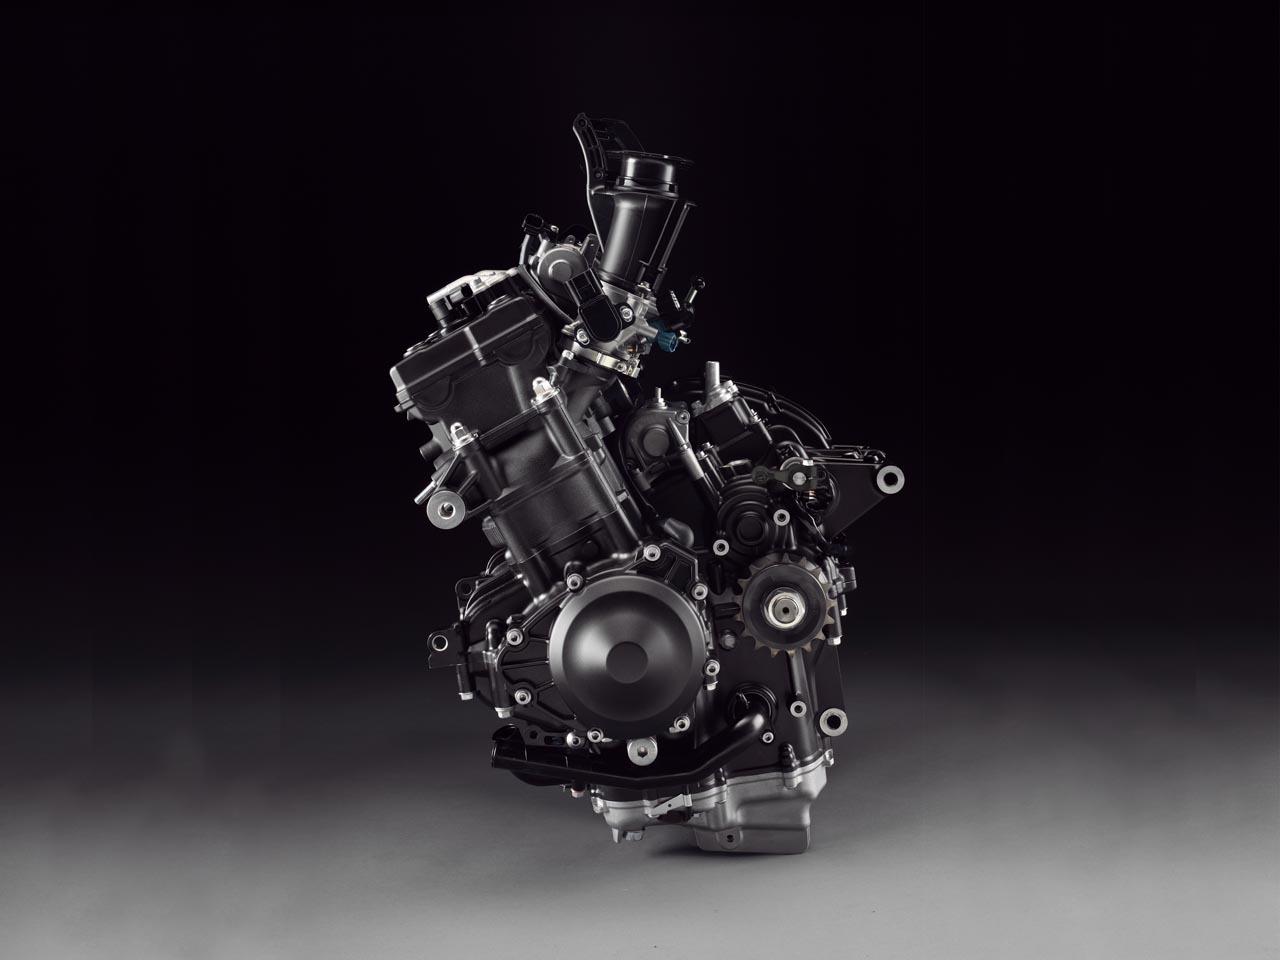 Foto de Yamaha YZF-R1 2012, datos e imágenes oficiales, pero nada más (1/41)